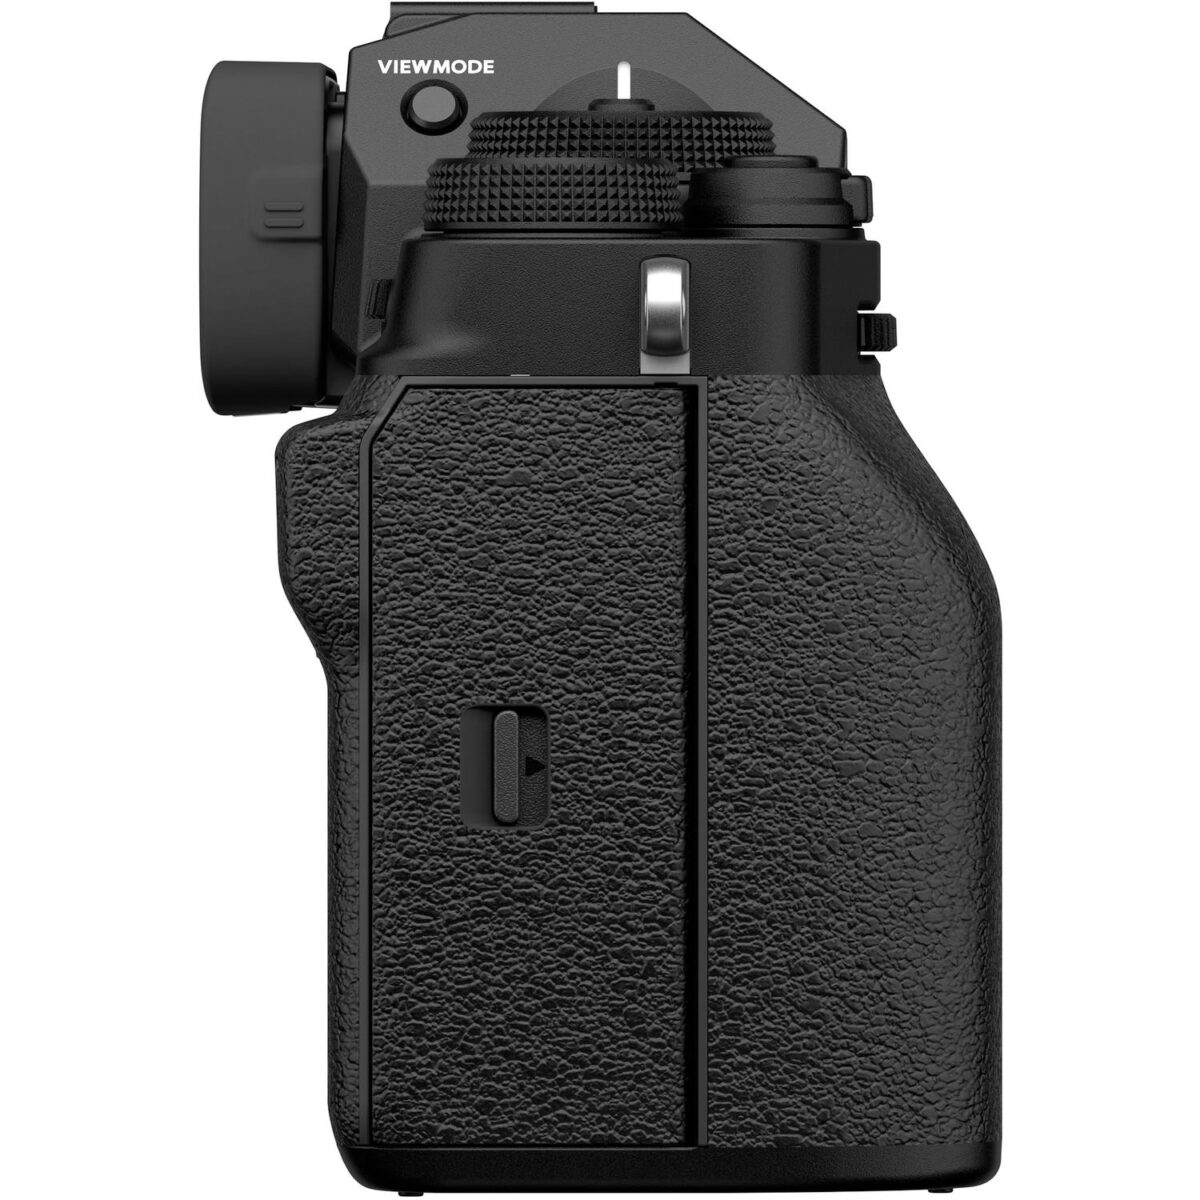 دوربین بدون آینه فوجی FUJIFILM X-T4 Mirrorless Camera kit 18-55mm Black